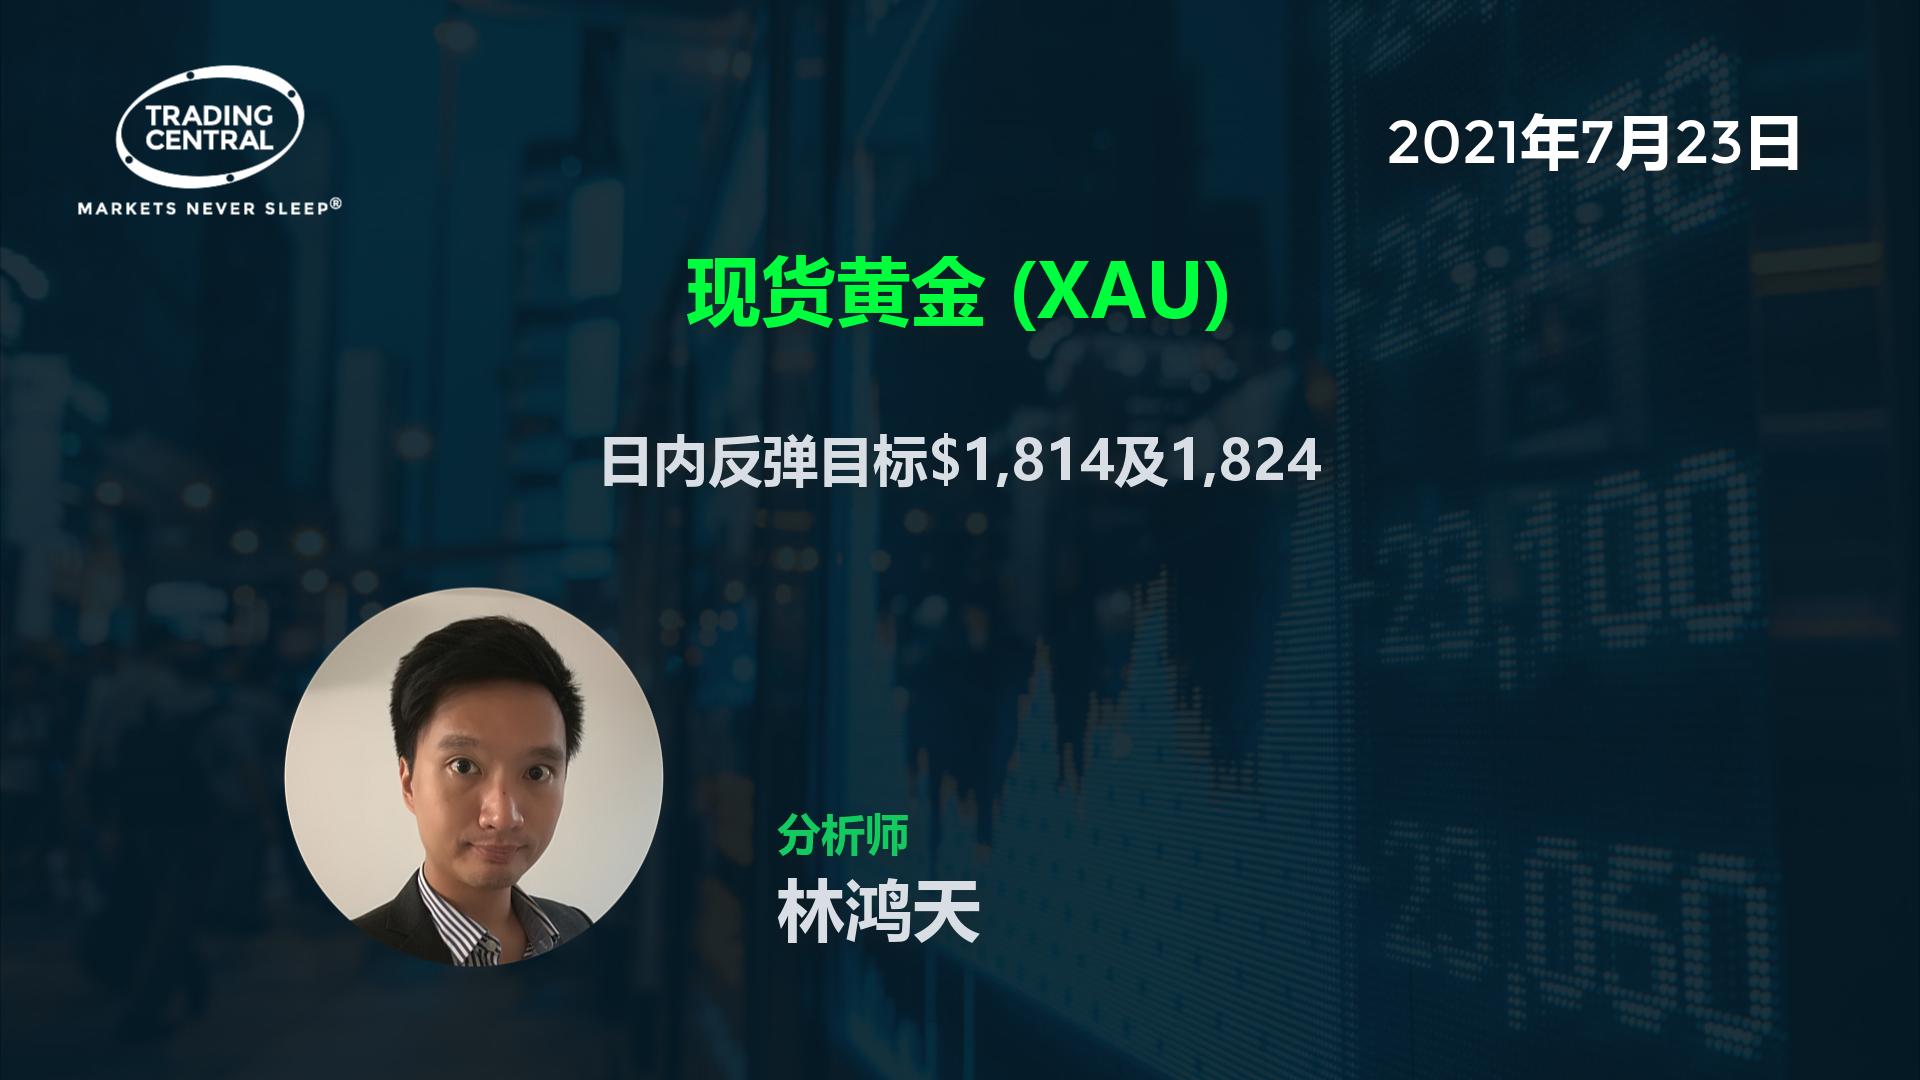 现货黄金 (XAU) - 日内反弹目标$1,814及1,824